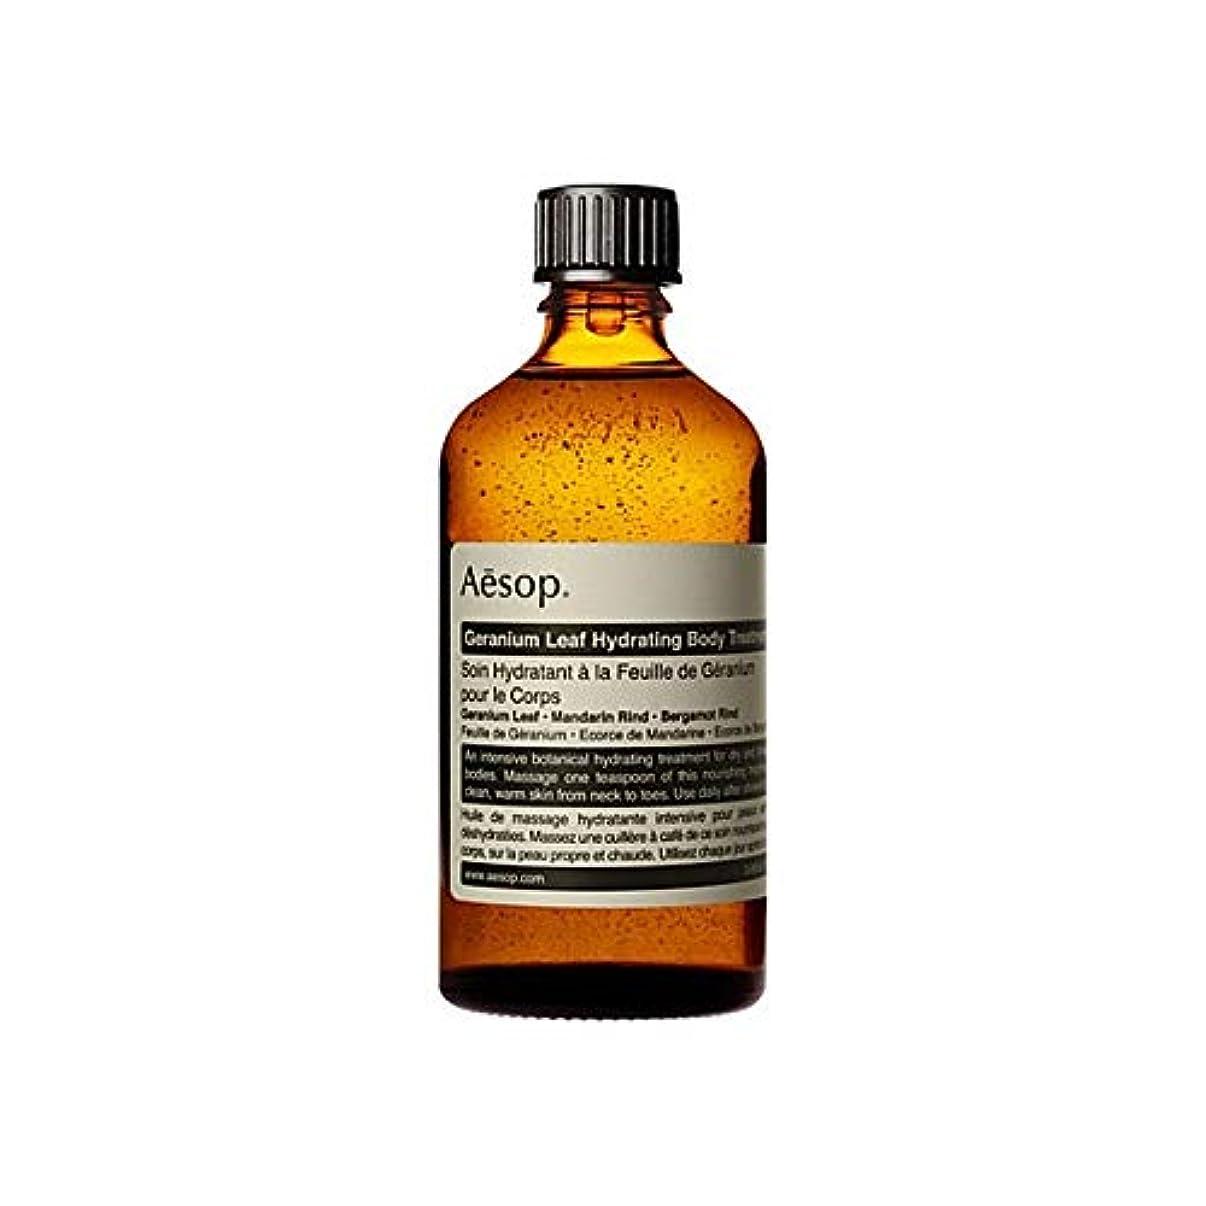 バスタブ音節不健康[Aesop] イソップのゼラニウムの葉水和ボディトリートメント100ミリリットル - Aesop Geranium Leaf Hydrating Body Treatment 100ml [並行輸入品]